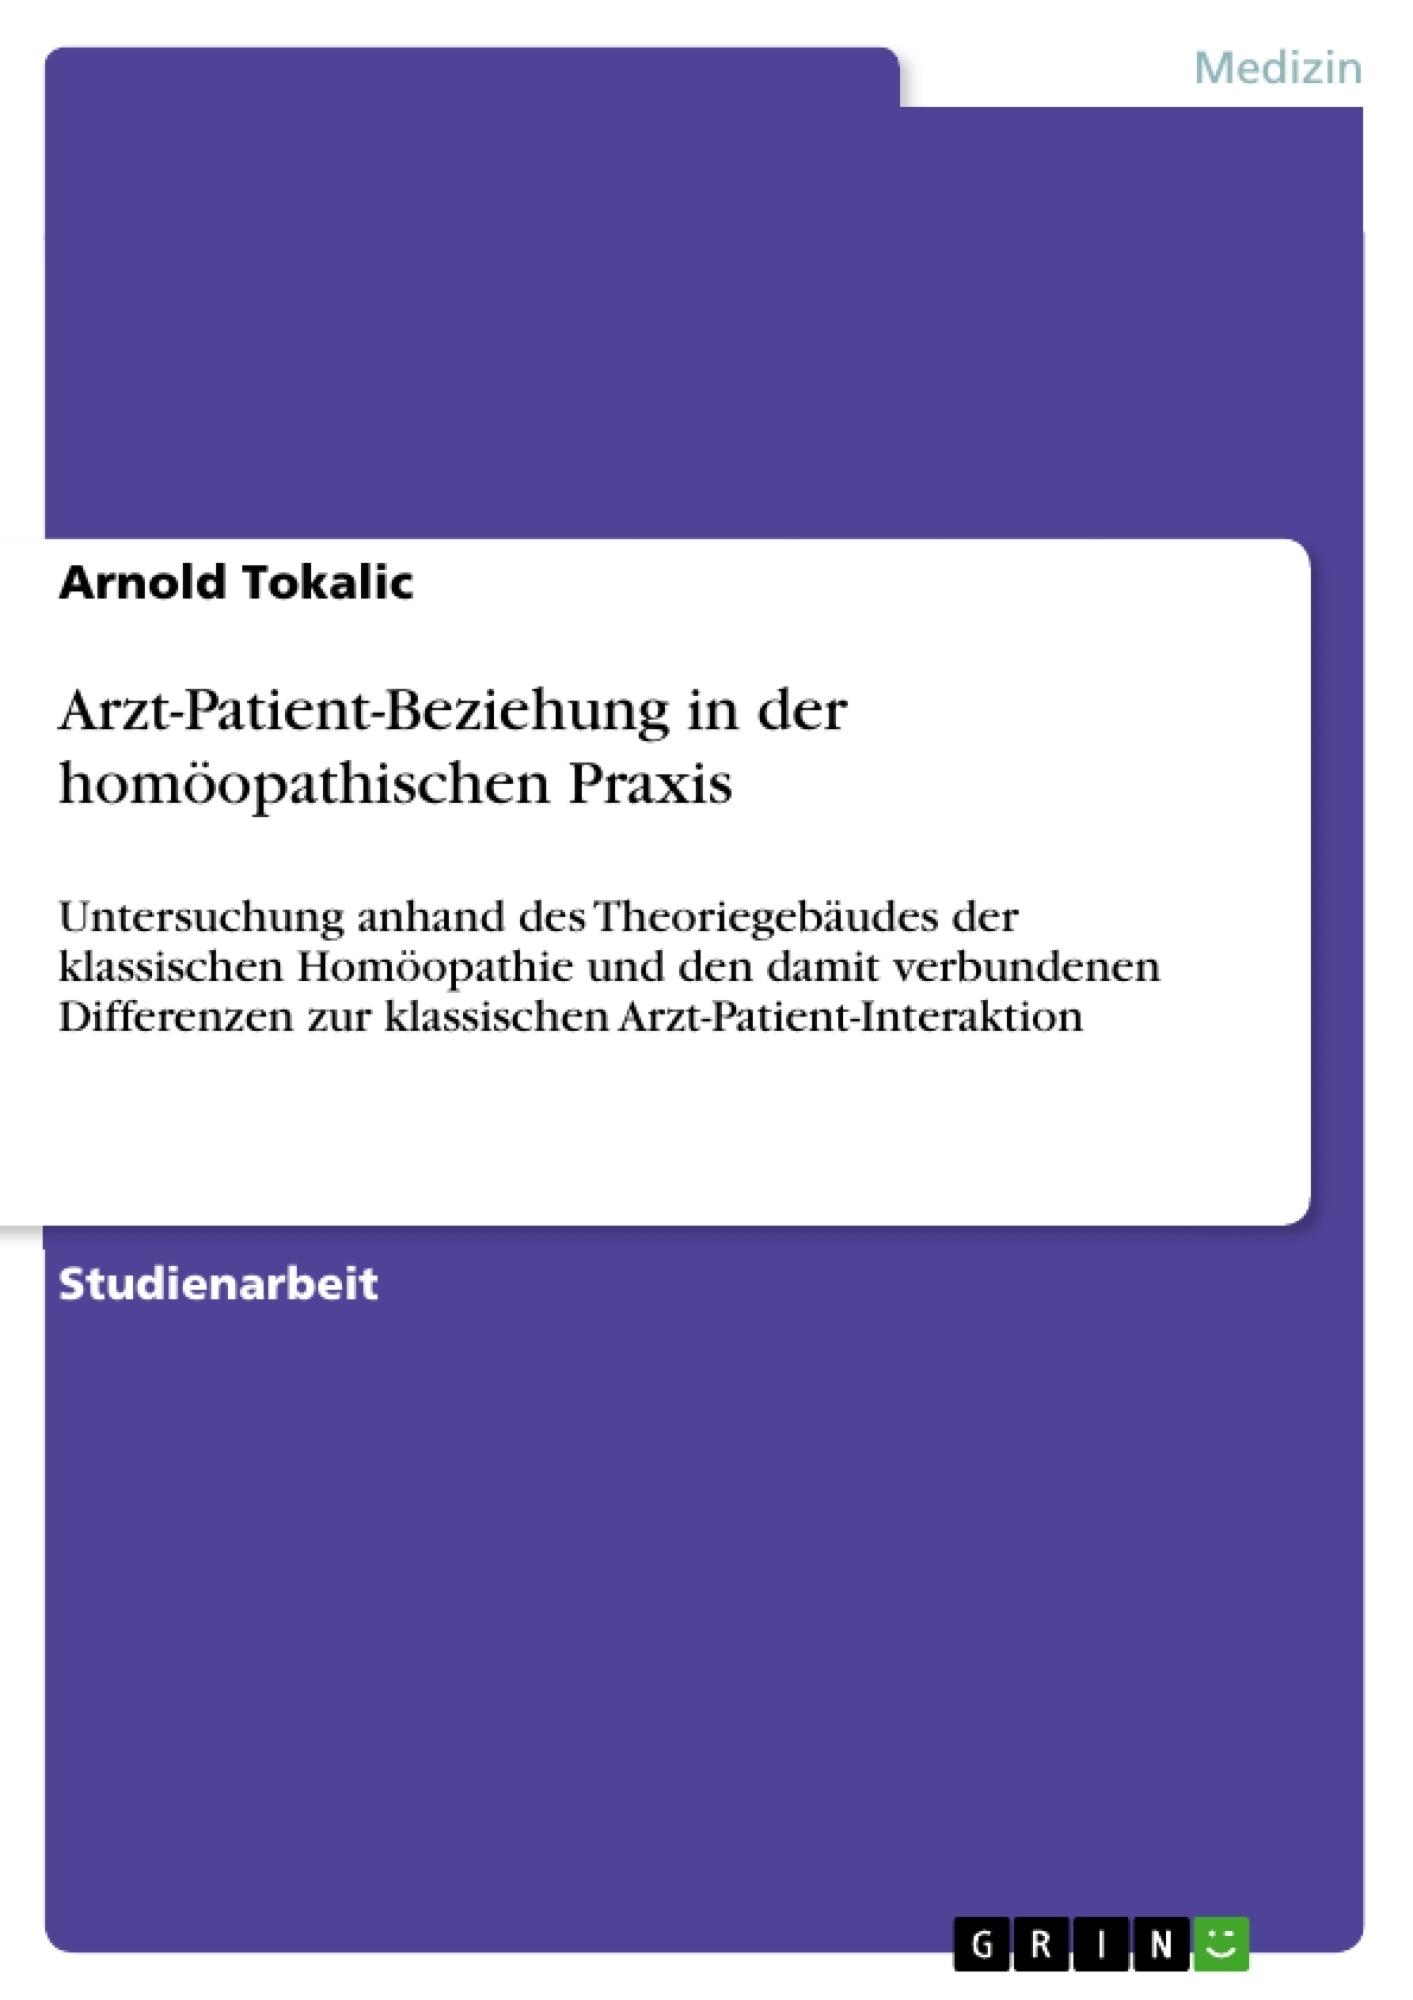 Titel: Arzt-Patient-Beziehung in der homöopathischen Praxis